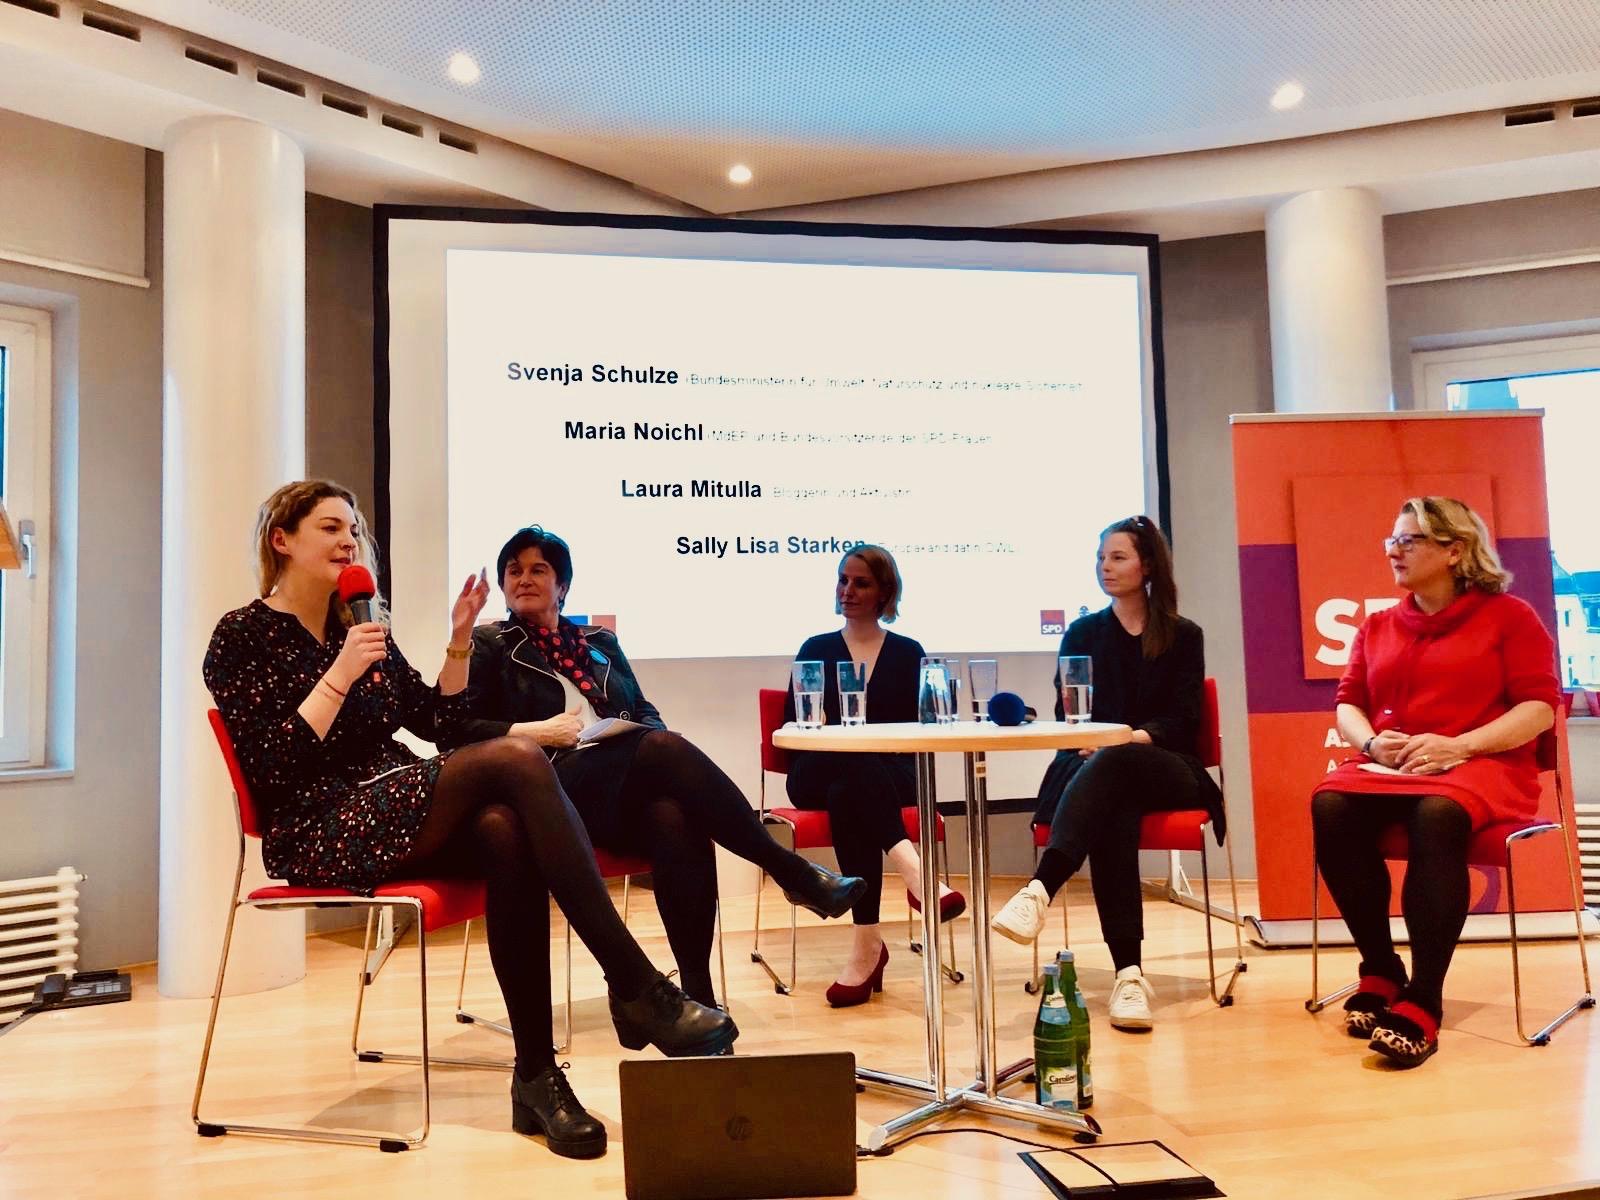 """Veranstaltung """"Heldinnen der Umwelt"""" mit Svenja Schulze und Maria Noichl"""